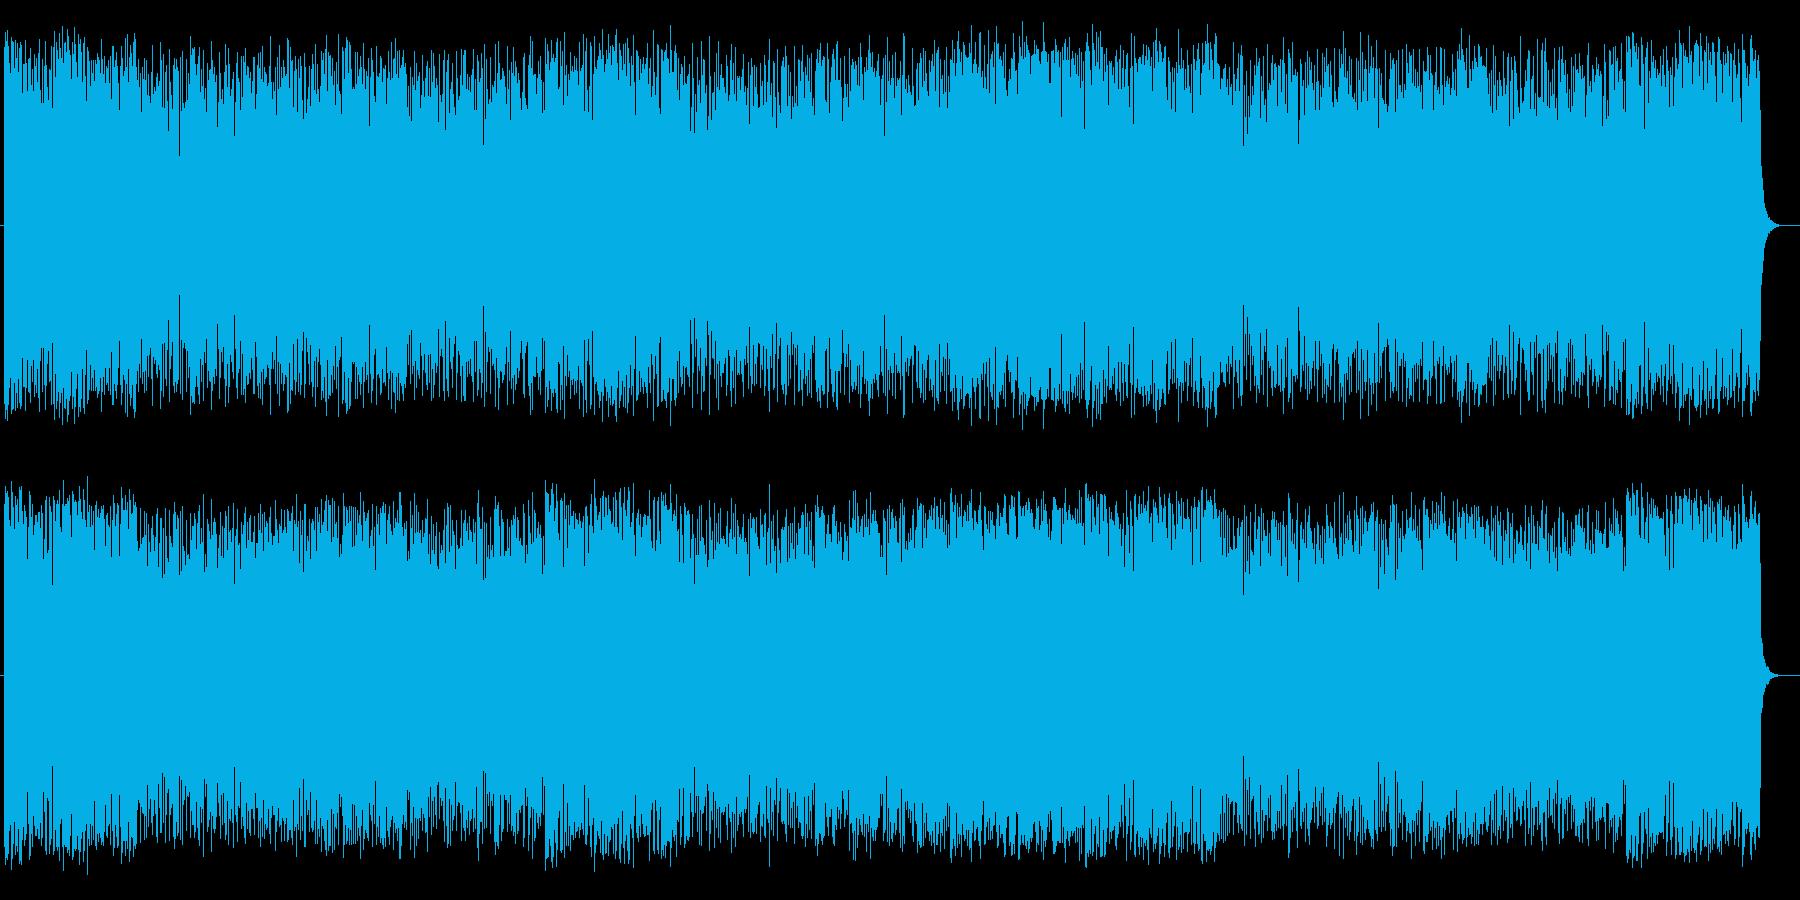 爽快な印象のピアノポップスの再生済みの波形